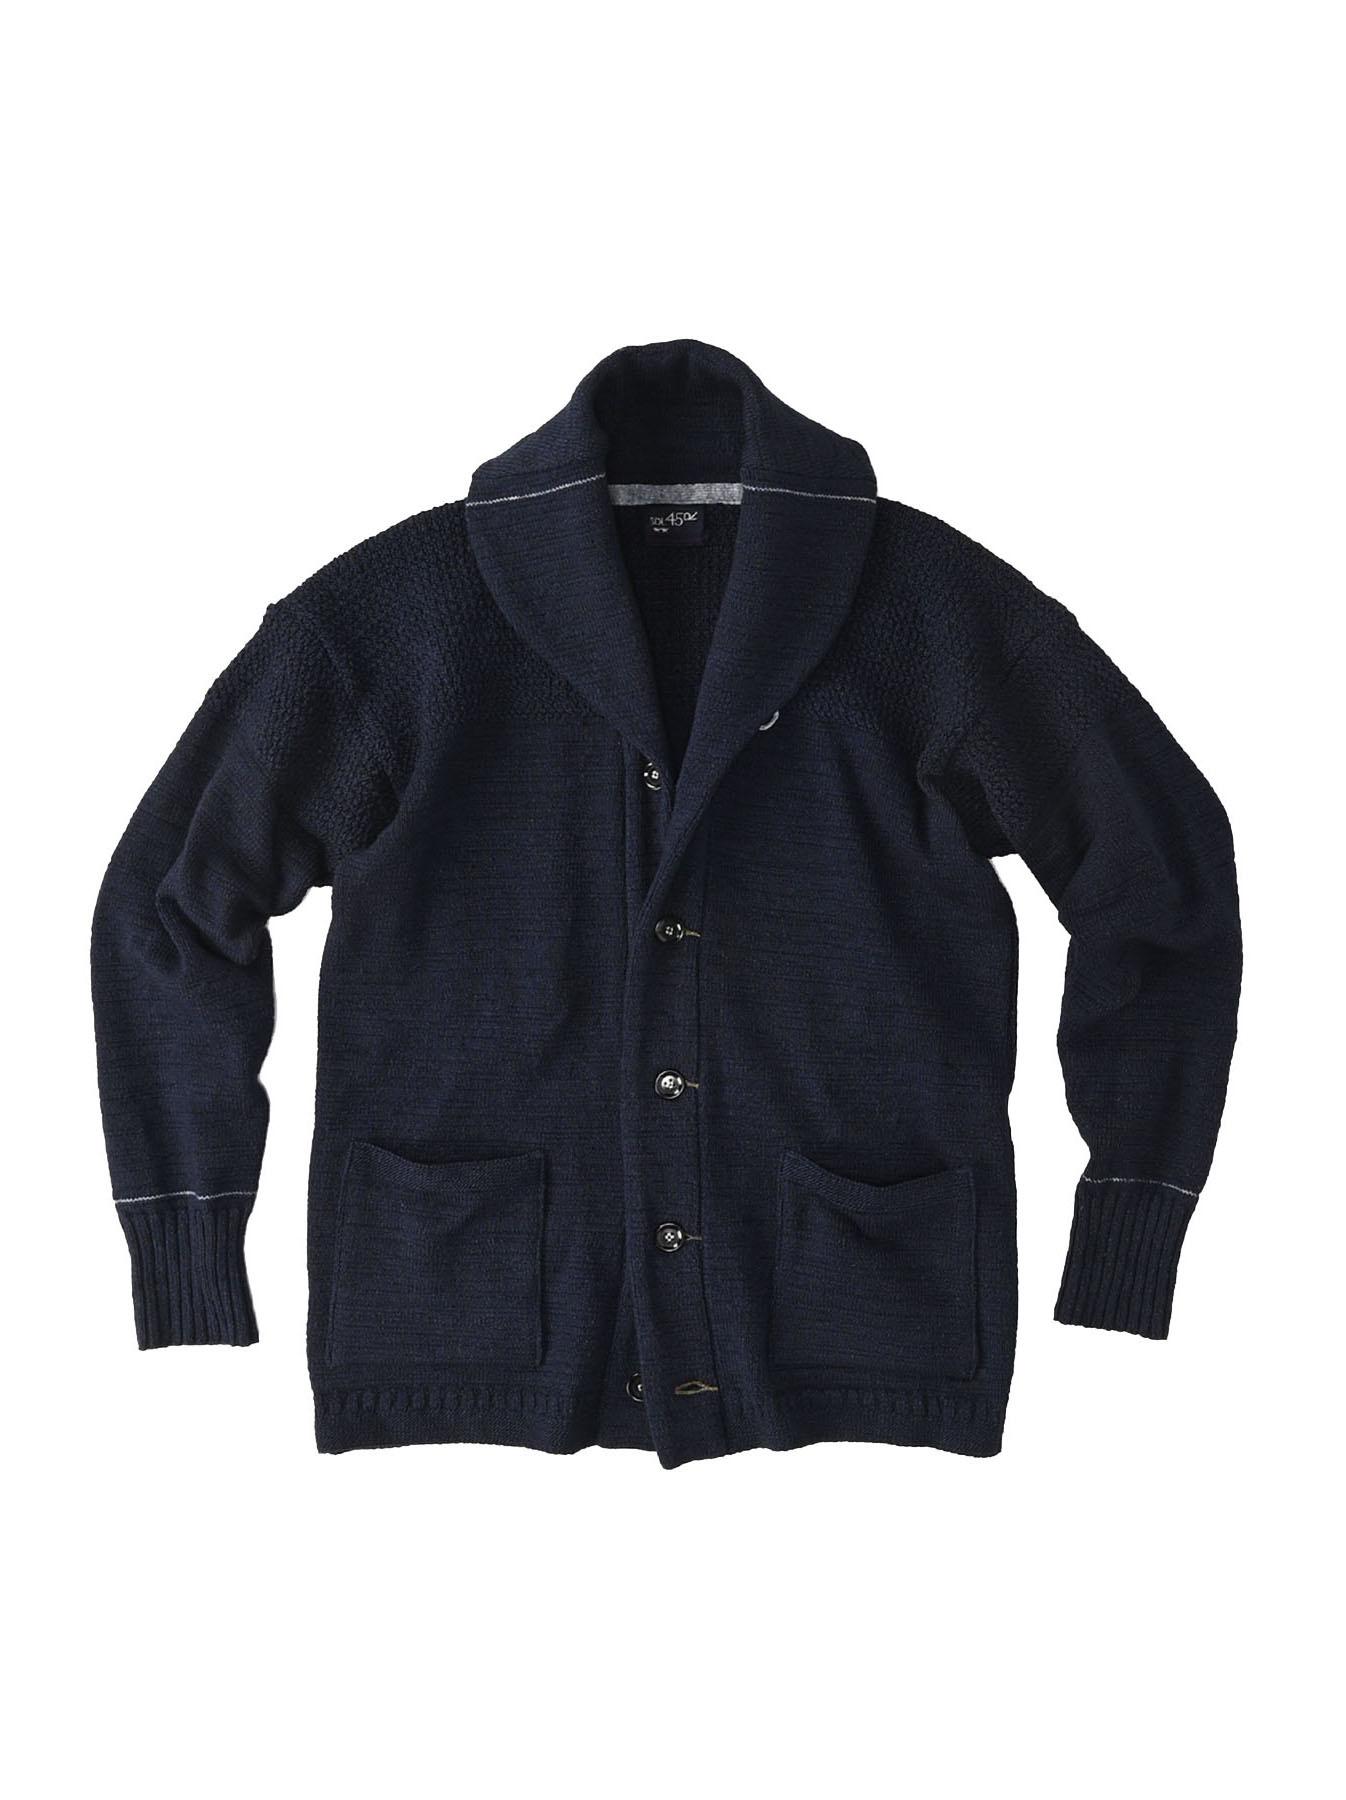 Indigo Stretch Knit Shawl Collar 908 Blouson-1